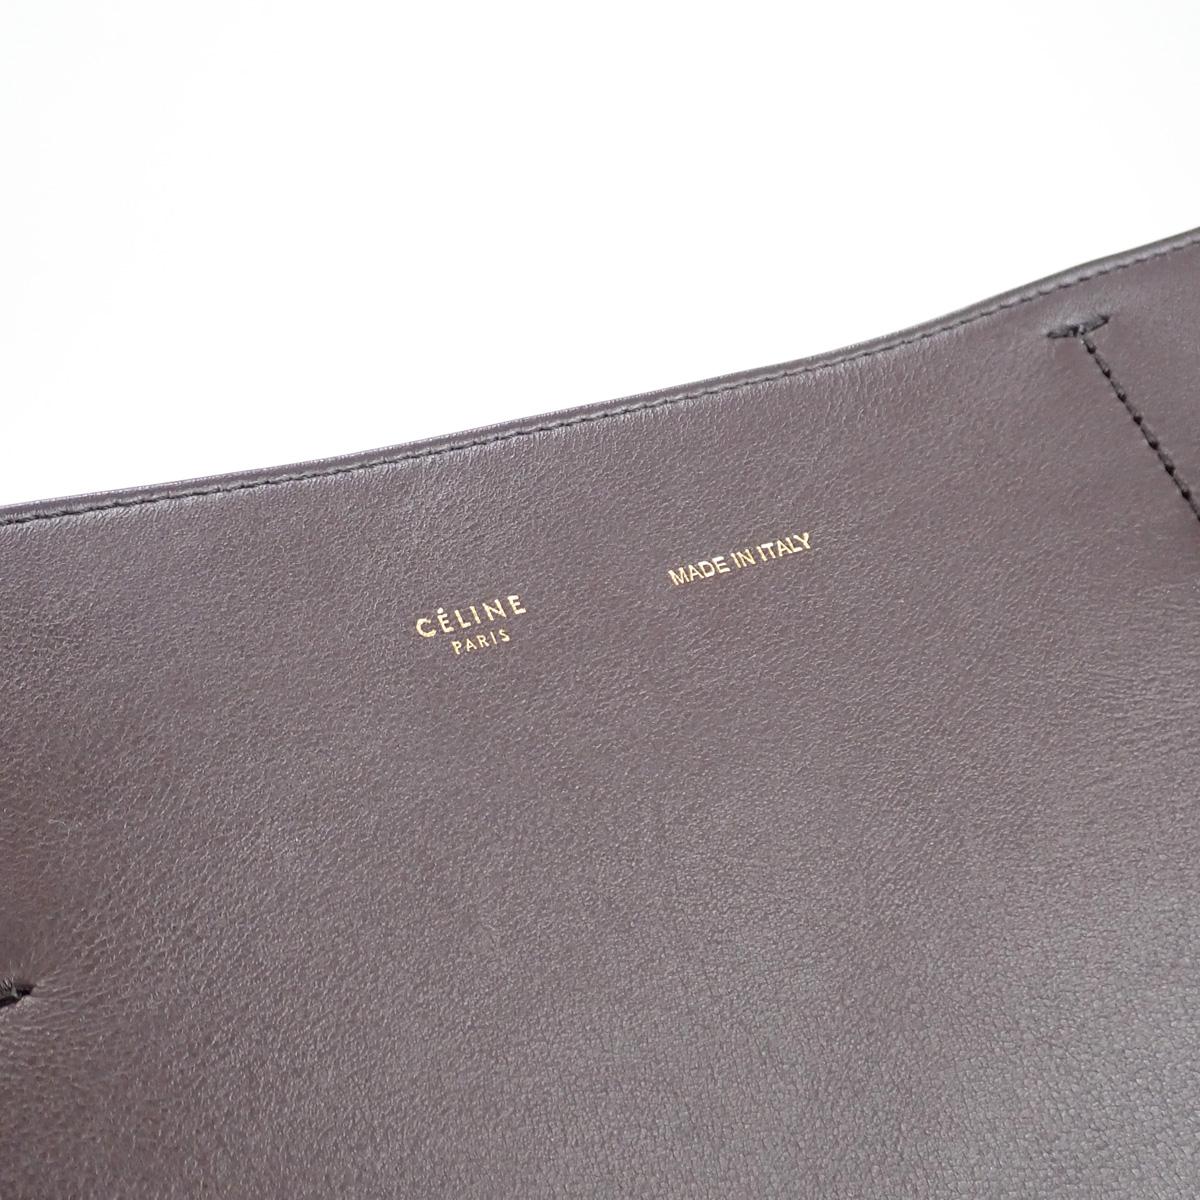 【辛口評価】【ABランク】CELINE セリーヌ カバファントム スモール トートバッグ 189023 カーフスキン ブラウン